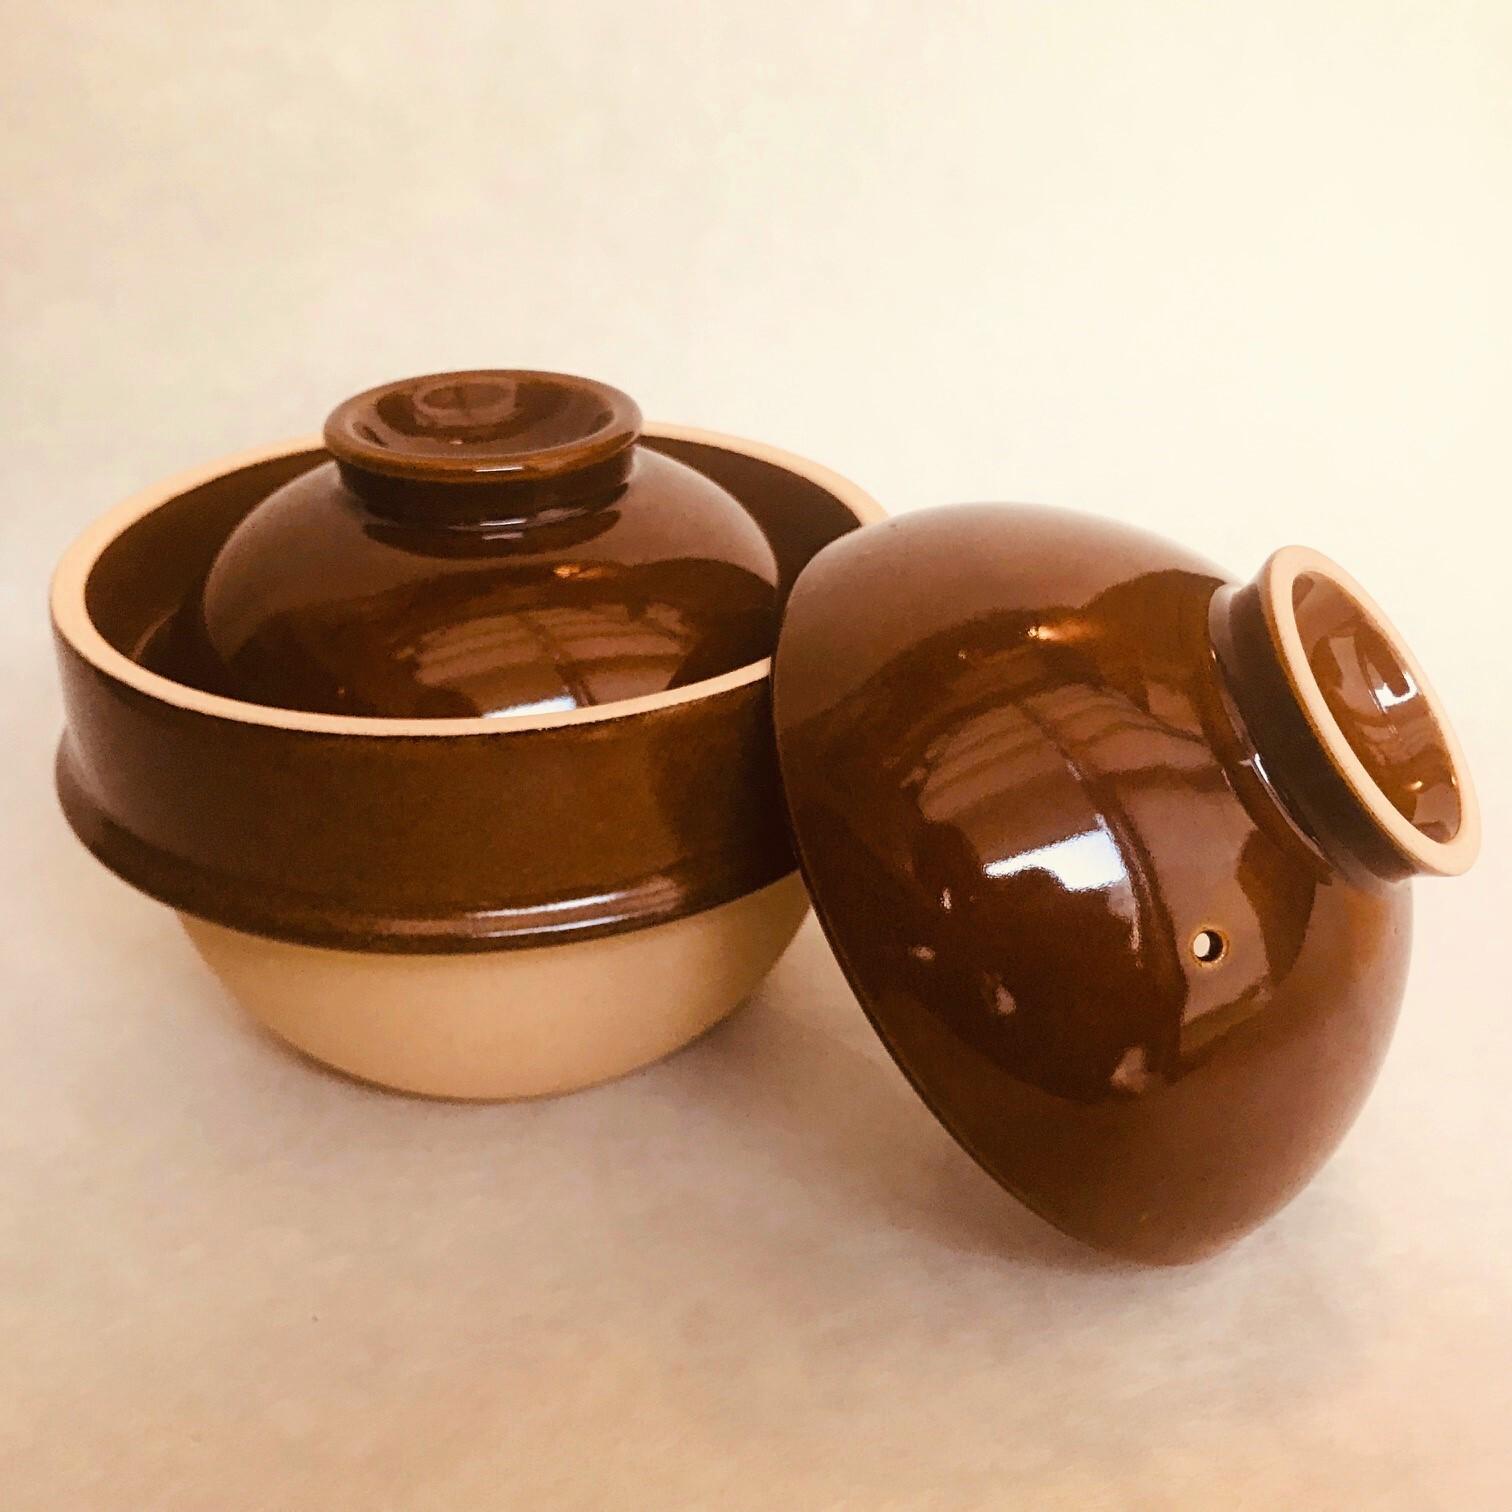 1合炊き土鍋 Kamacco